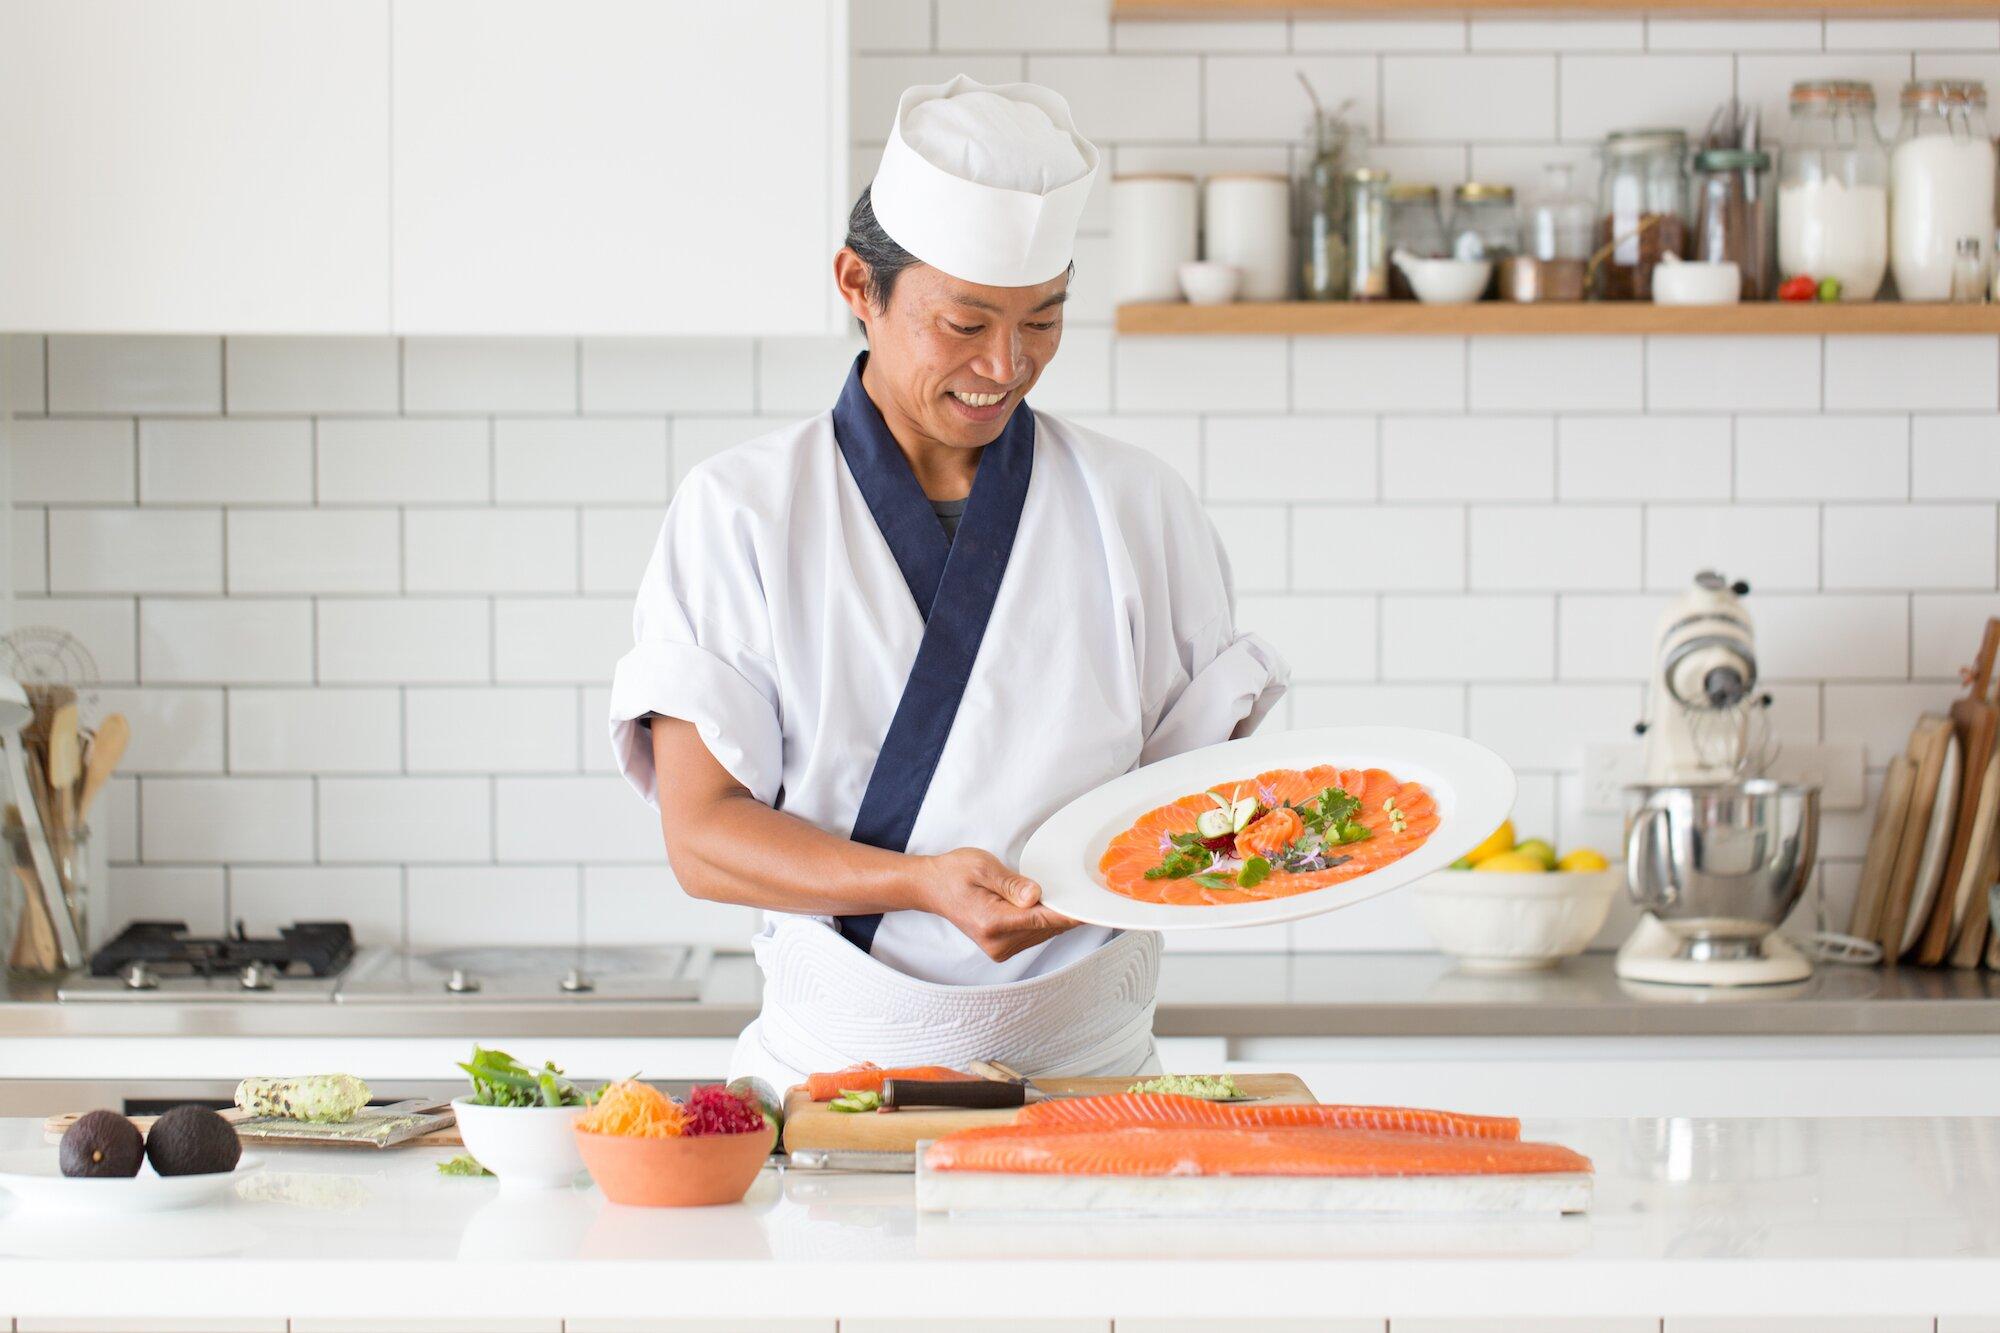 Huon_Aquaculture_Masaaki_Sushi